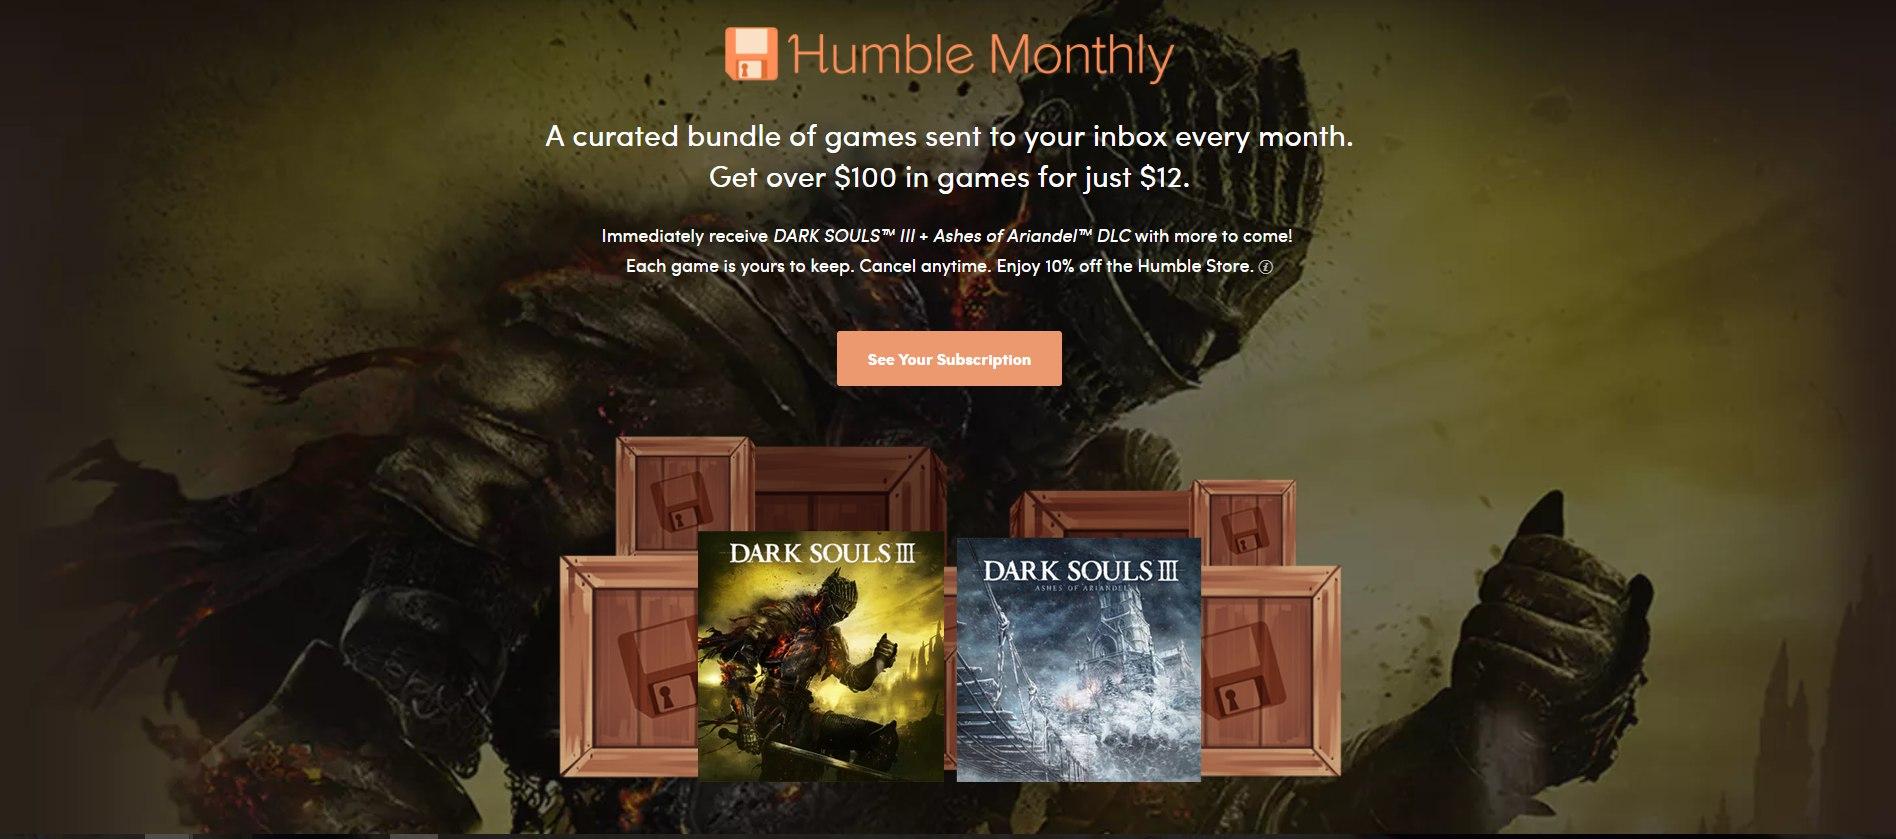 Это мартовский набор. 3-тий Dark Souls с дополнением и что бы вы понимали, в Российском Steam такой набор вам обойдётся в ~2 600 р.